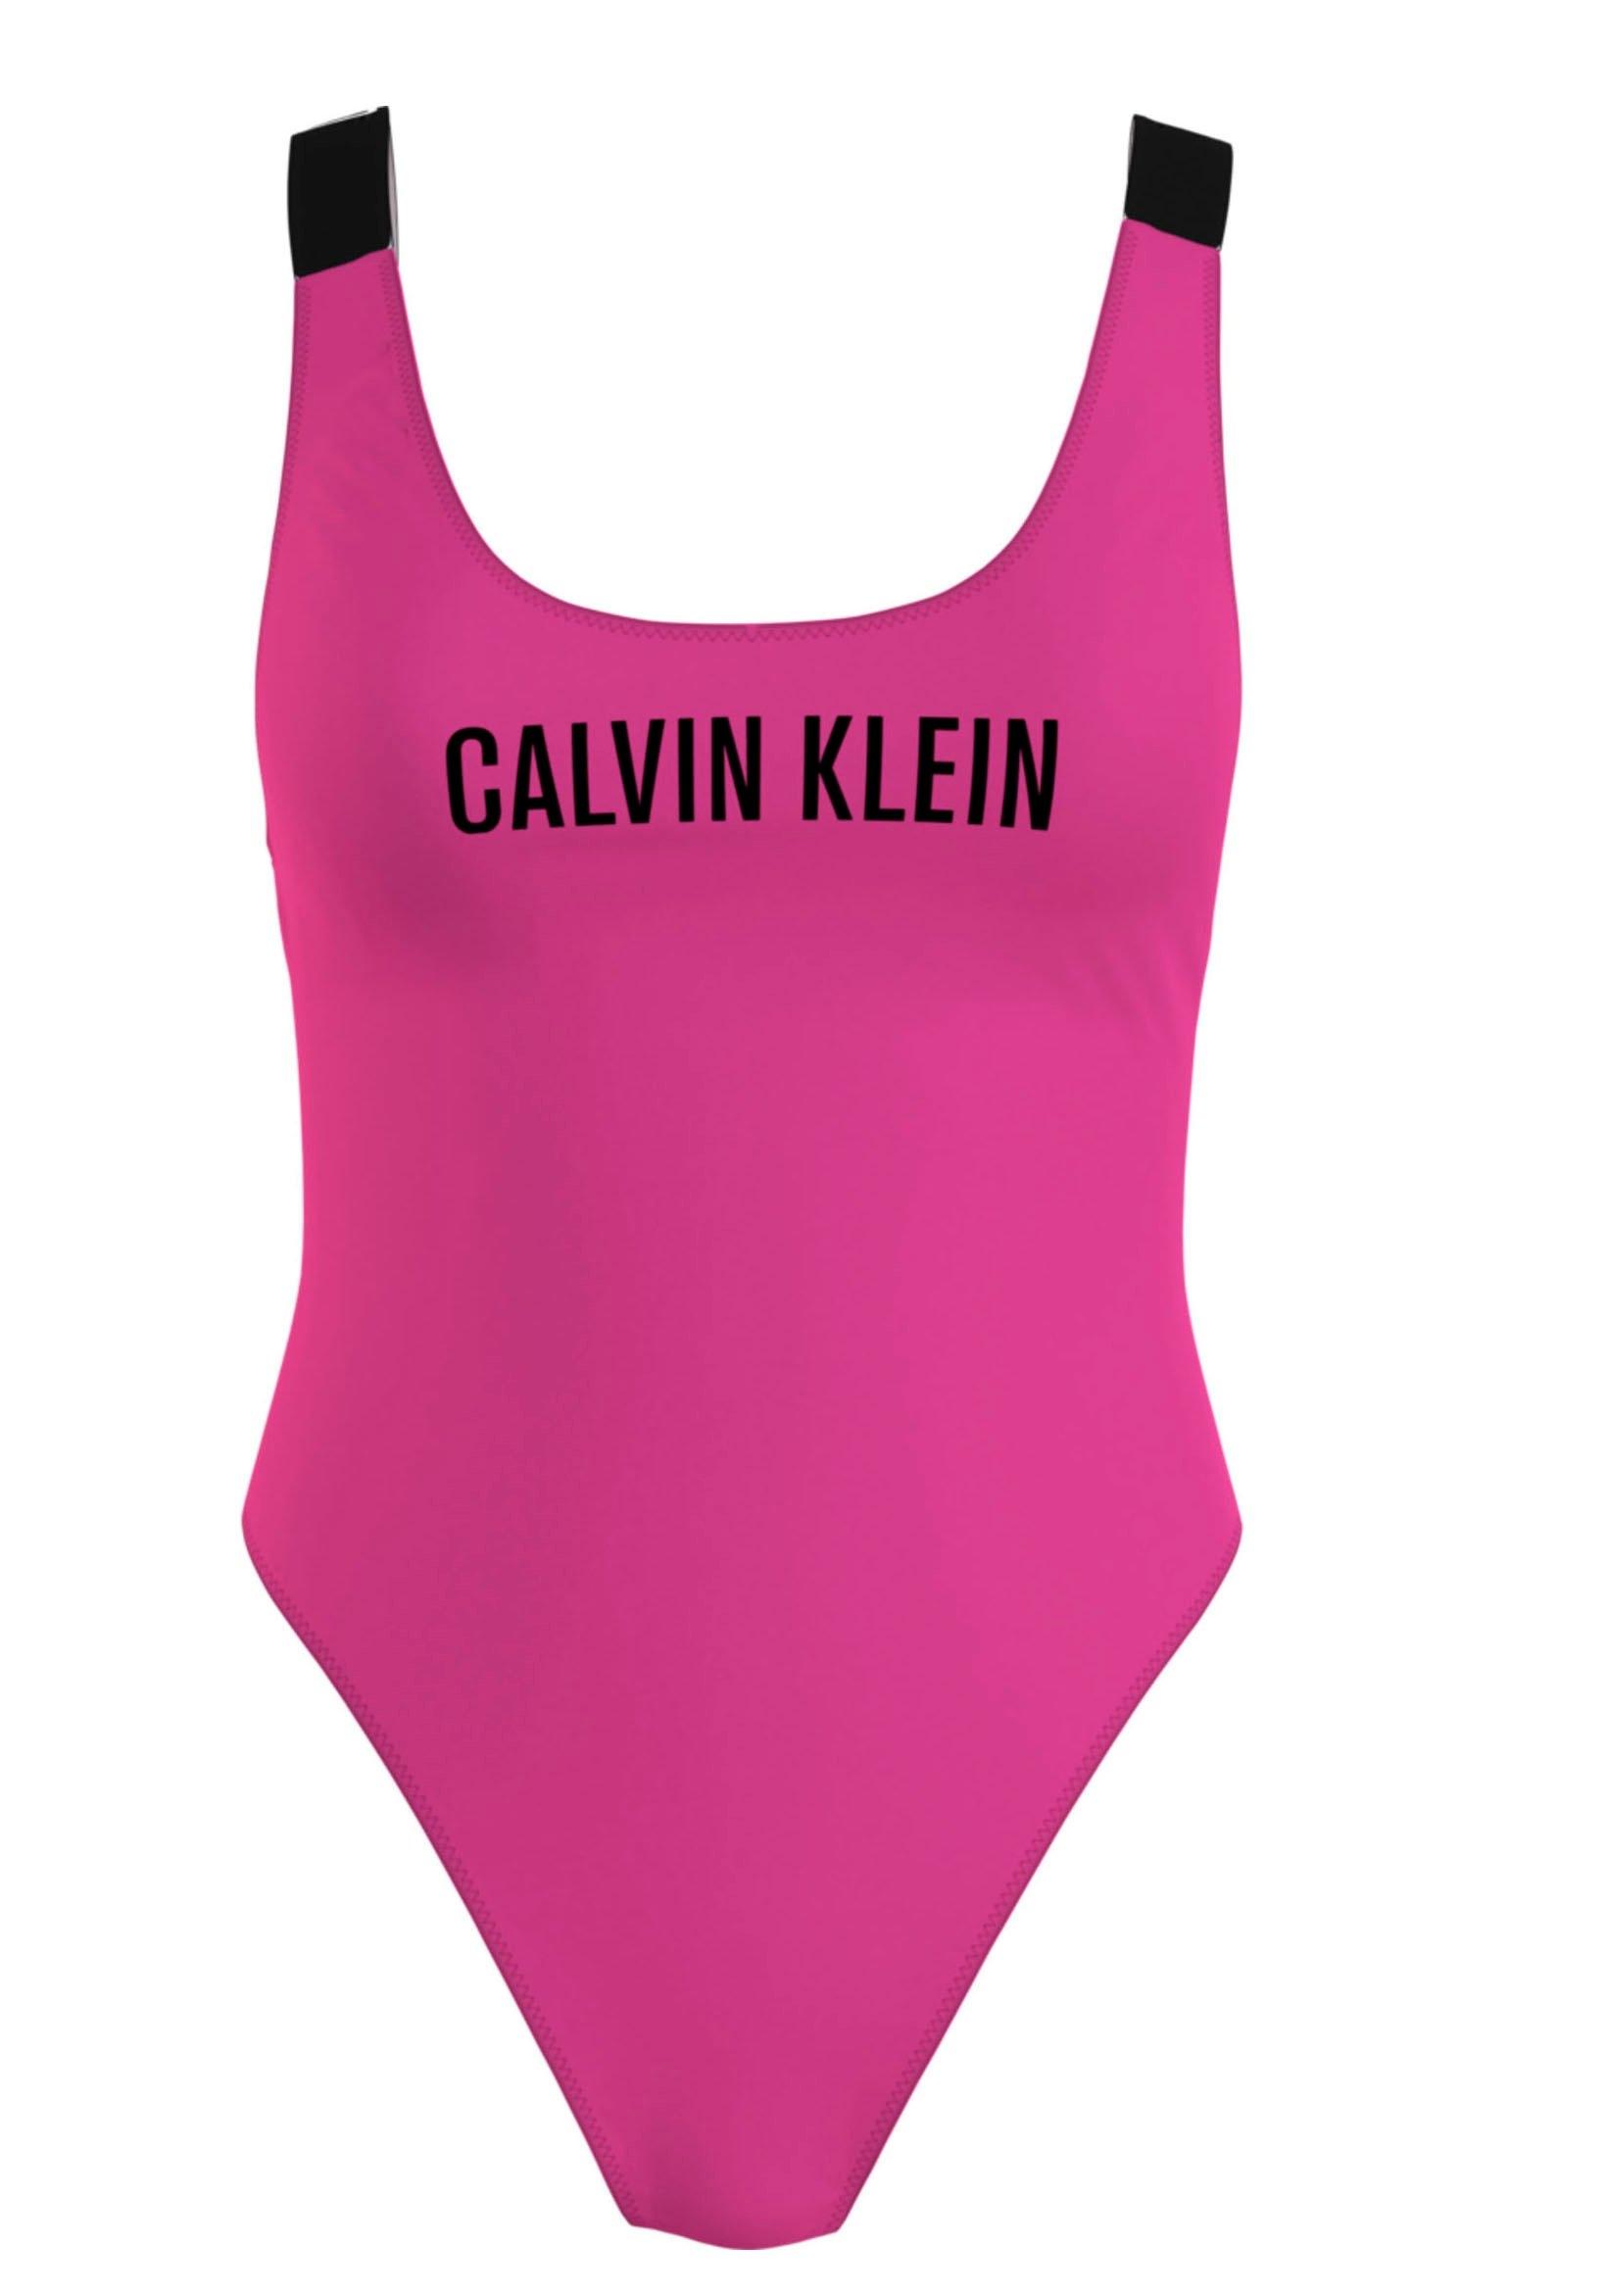 Calvin Klein badpak met zeer hoge beenlijn - gratis ruilen op otto.nl